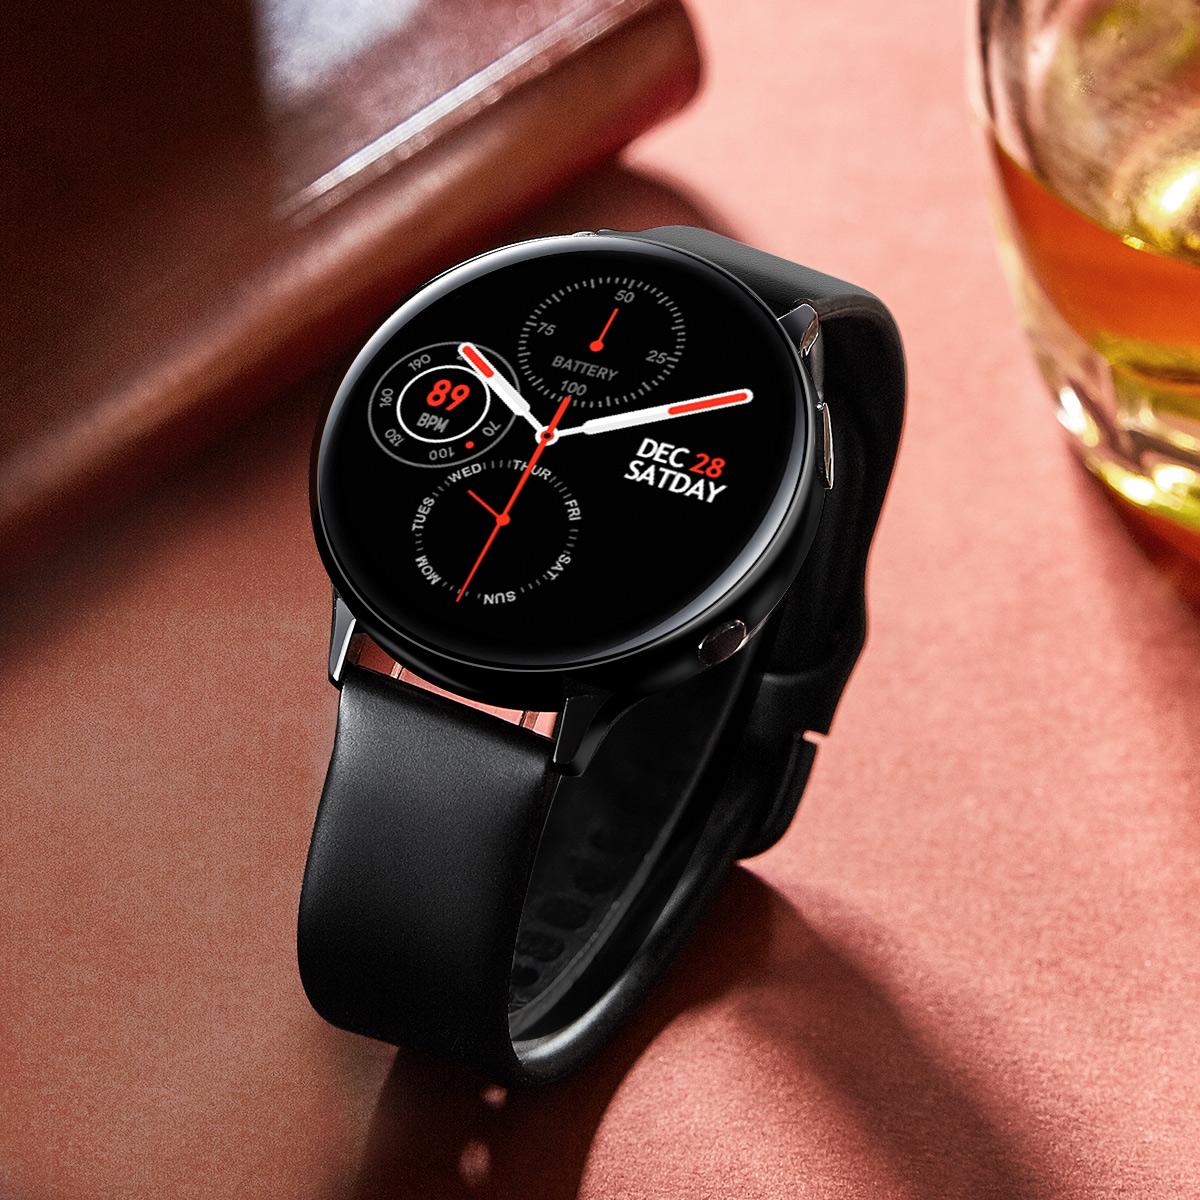 vivo ots 智能蓝牙电话手表男士多功能华为 小米通用运动跑步电子表